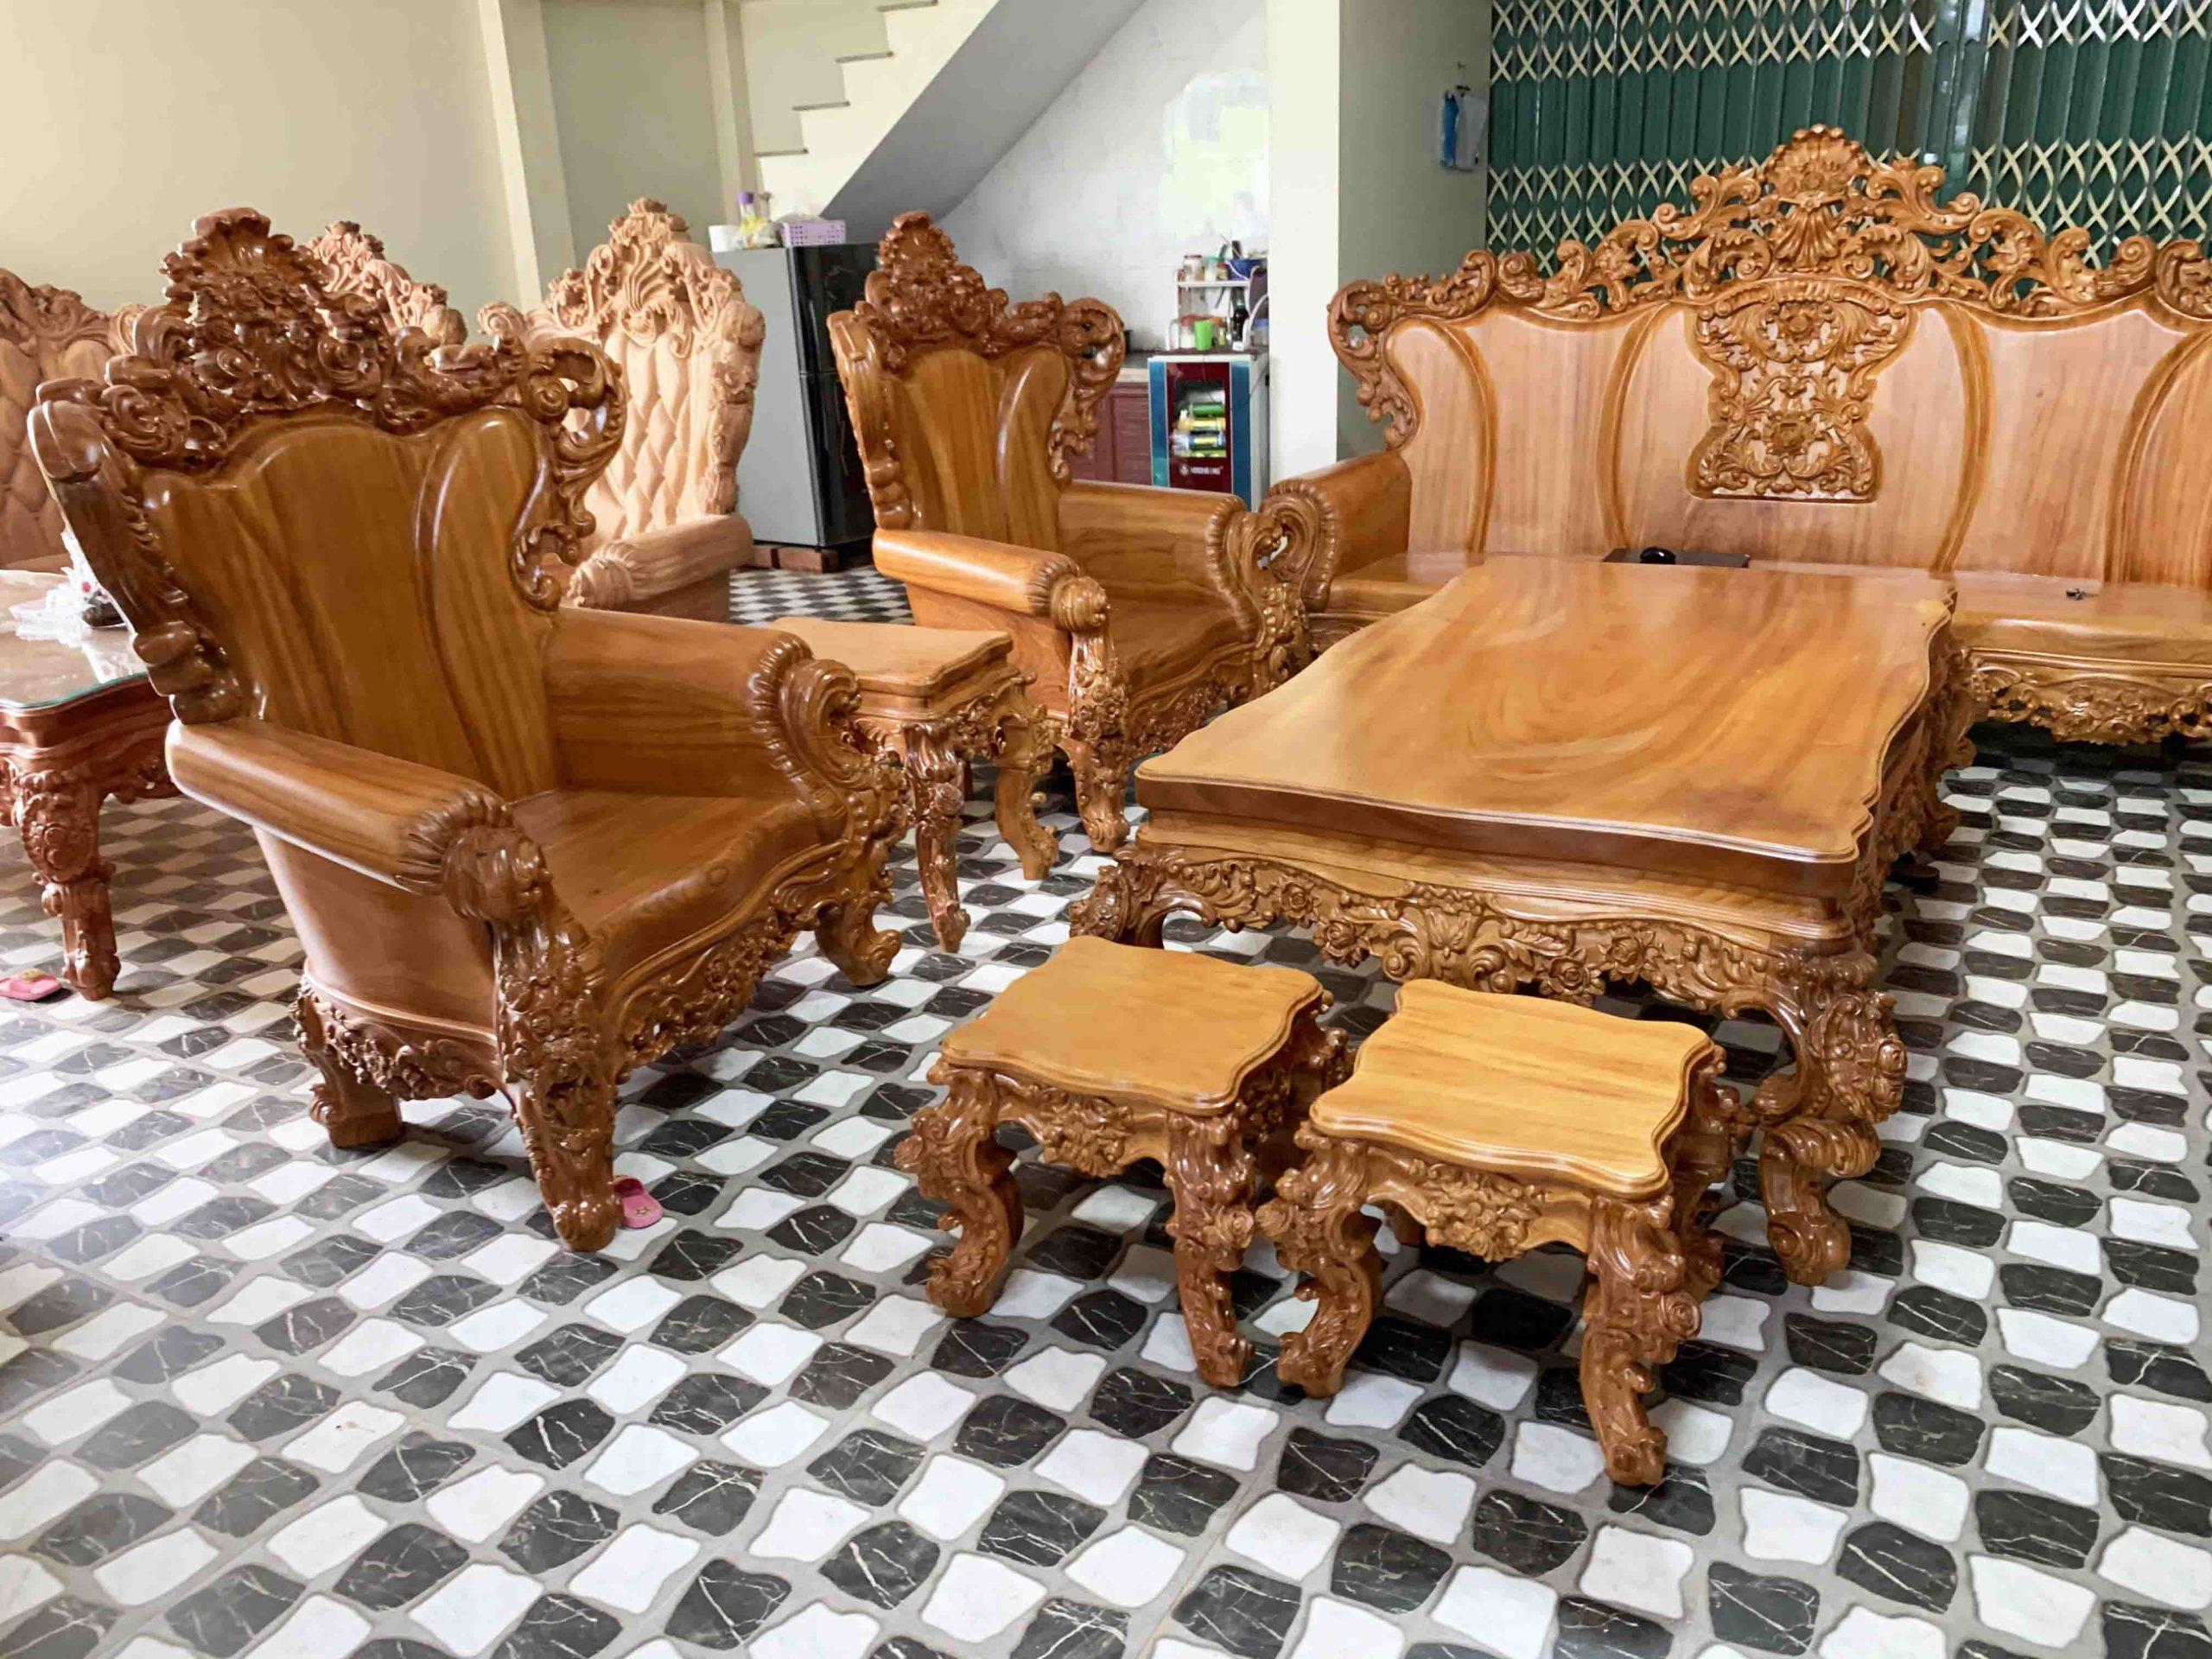 Bộ Ghế Sofa Louis Hoàng Gia 10 Món